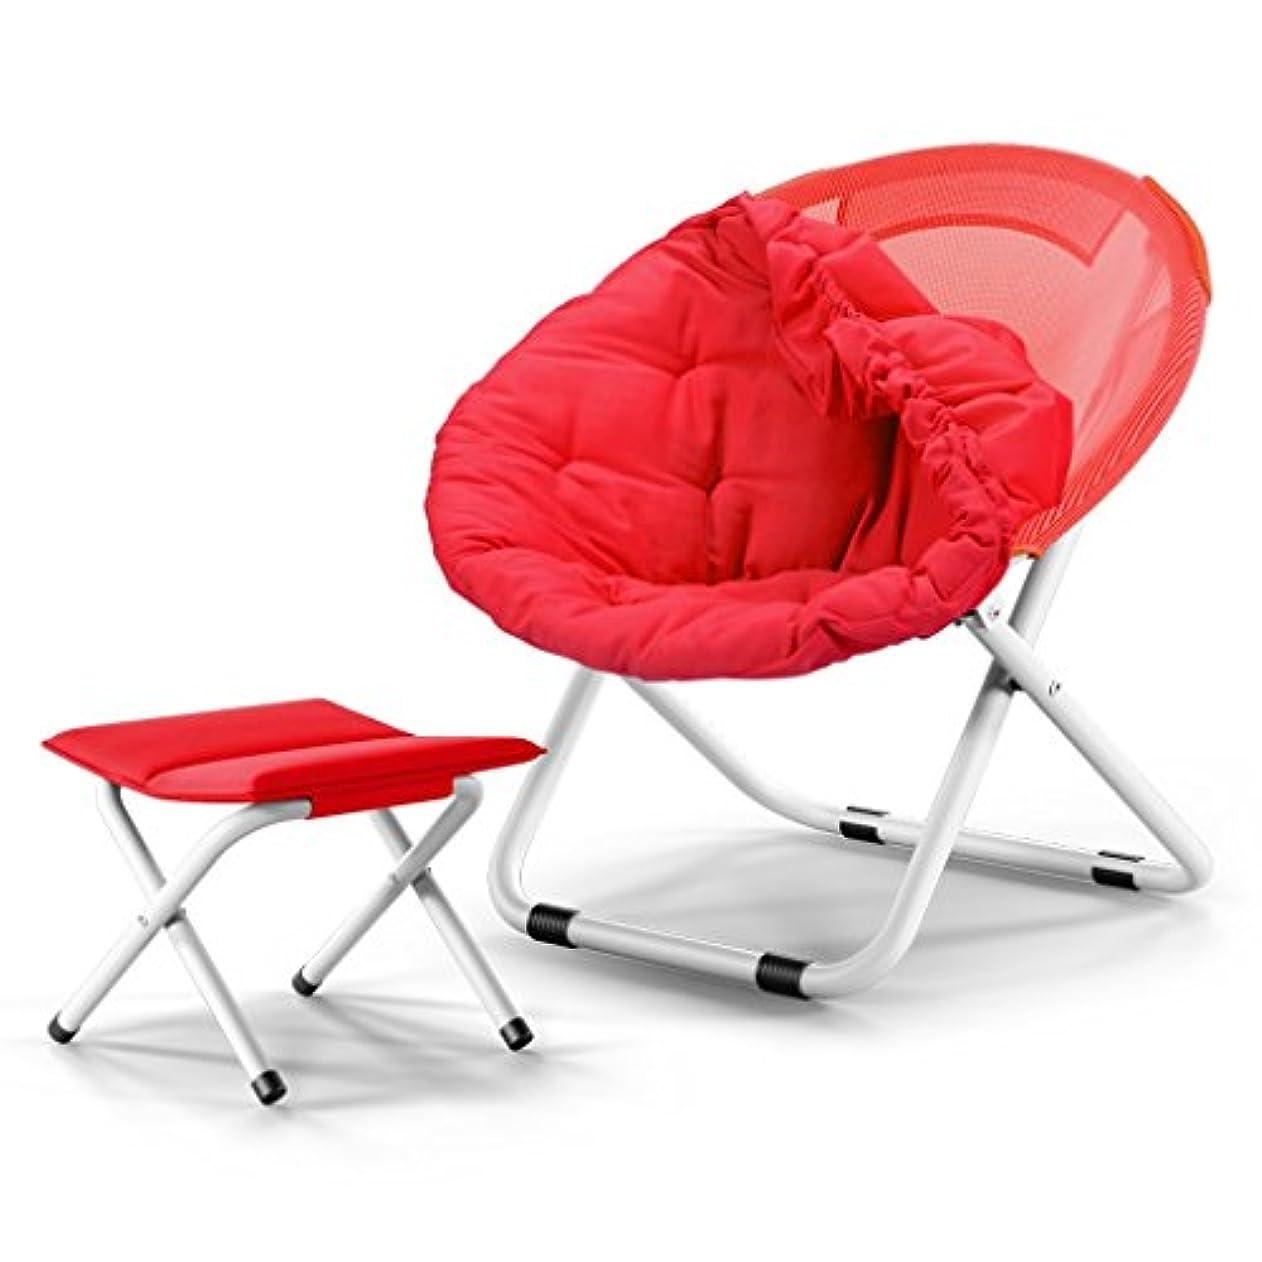 パッド対人許す折り畳み式デッキチェア携帯用旅行折りたたみ椅子丸型チェアムーンチェアキャンプチェアレジャーソファ椅子背もたれ椅子庭園パティオサンラウンジャー (色 : 赤, 設計 : A+Footstool)